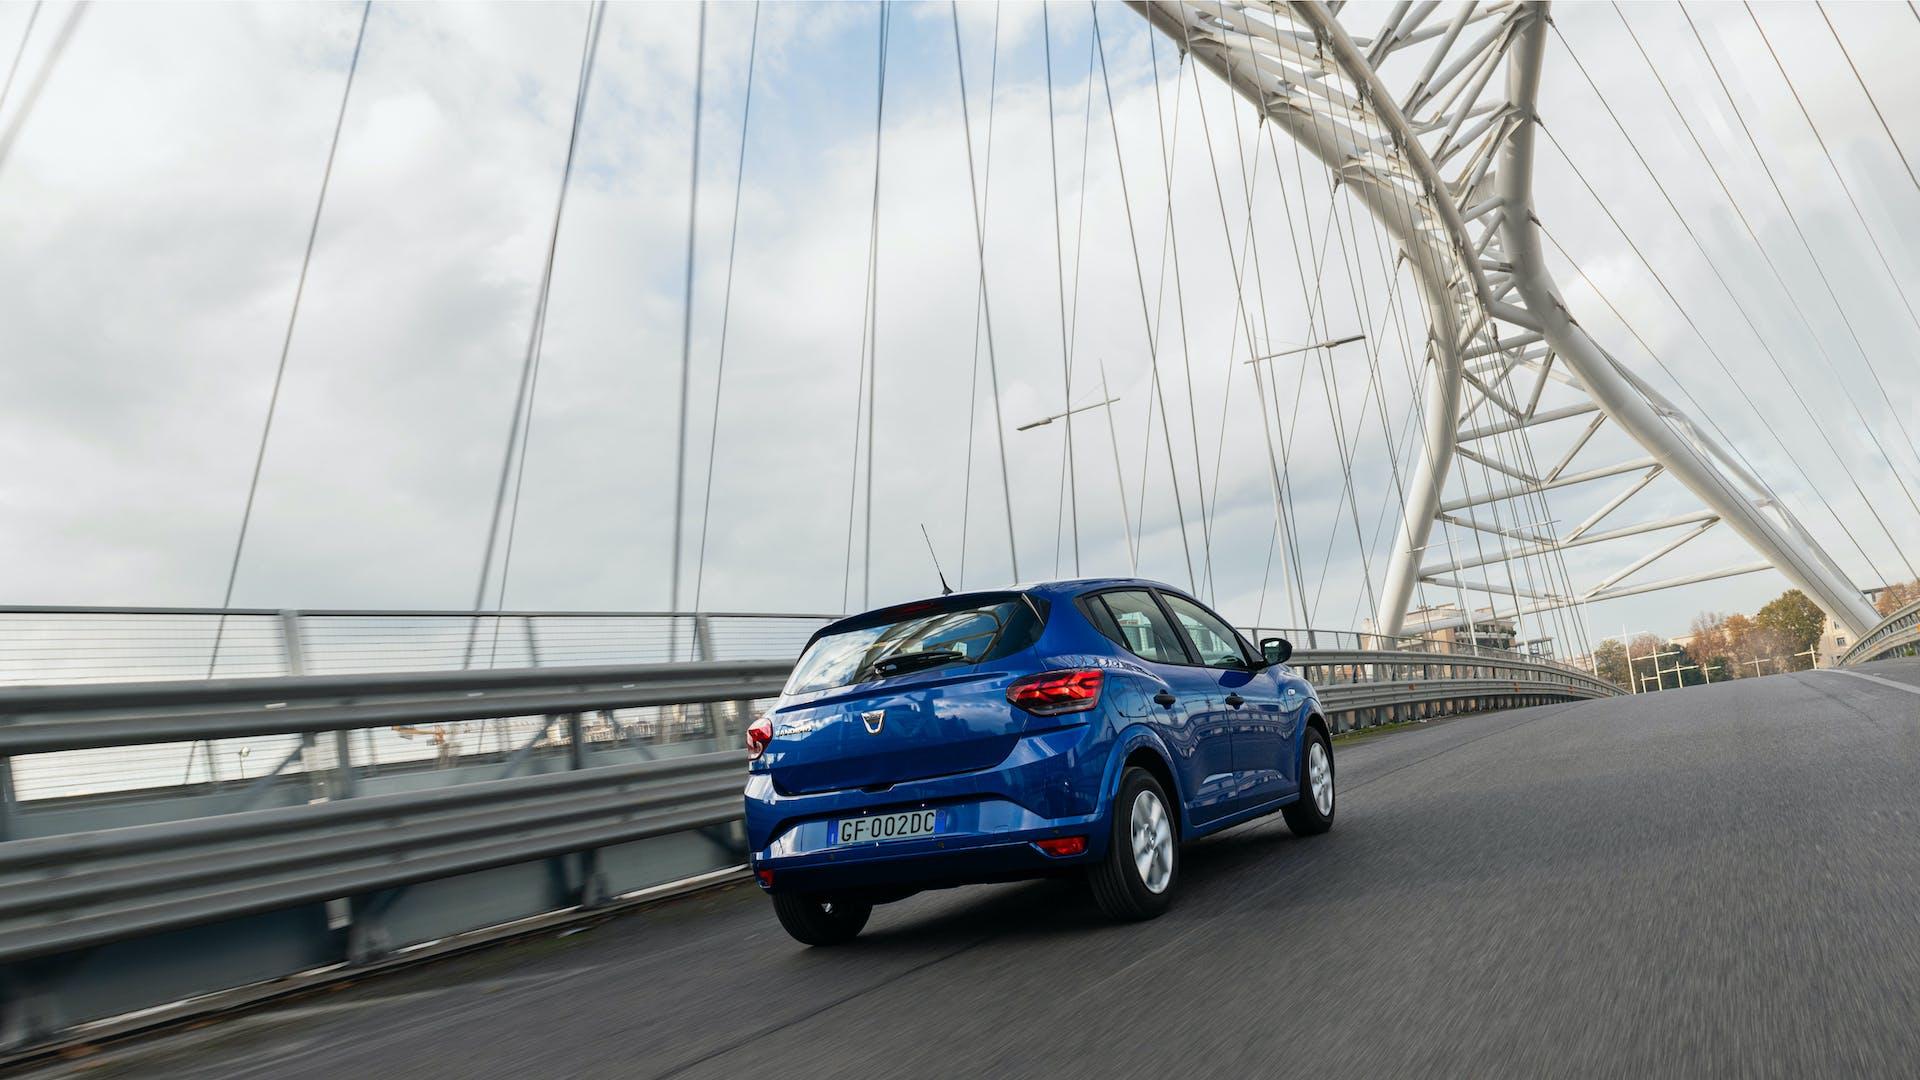 Prova nuova Dacia Sandero Streetway blu vista posteriore